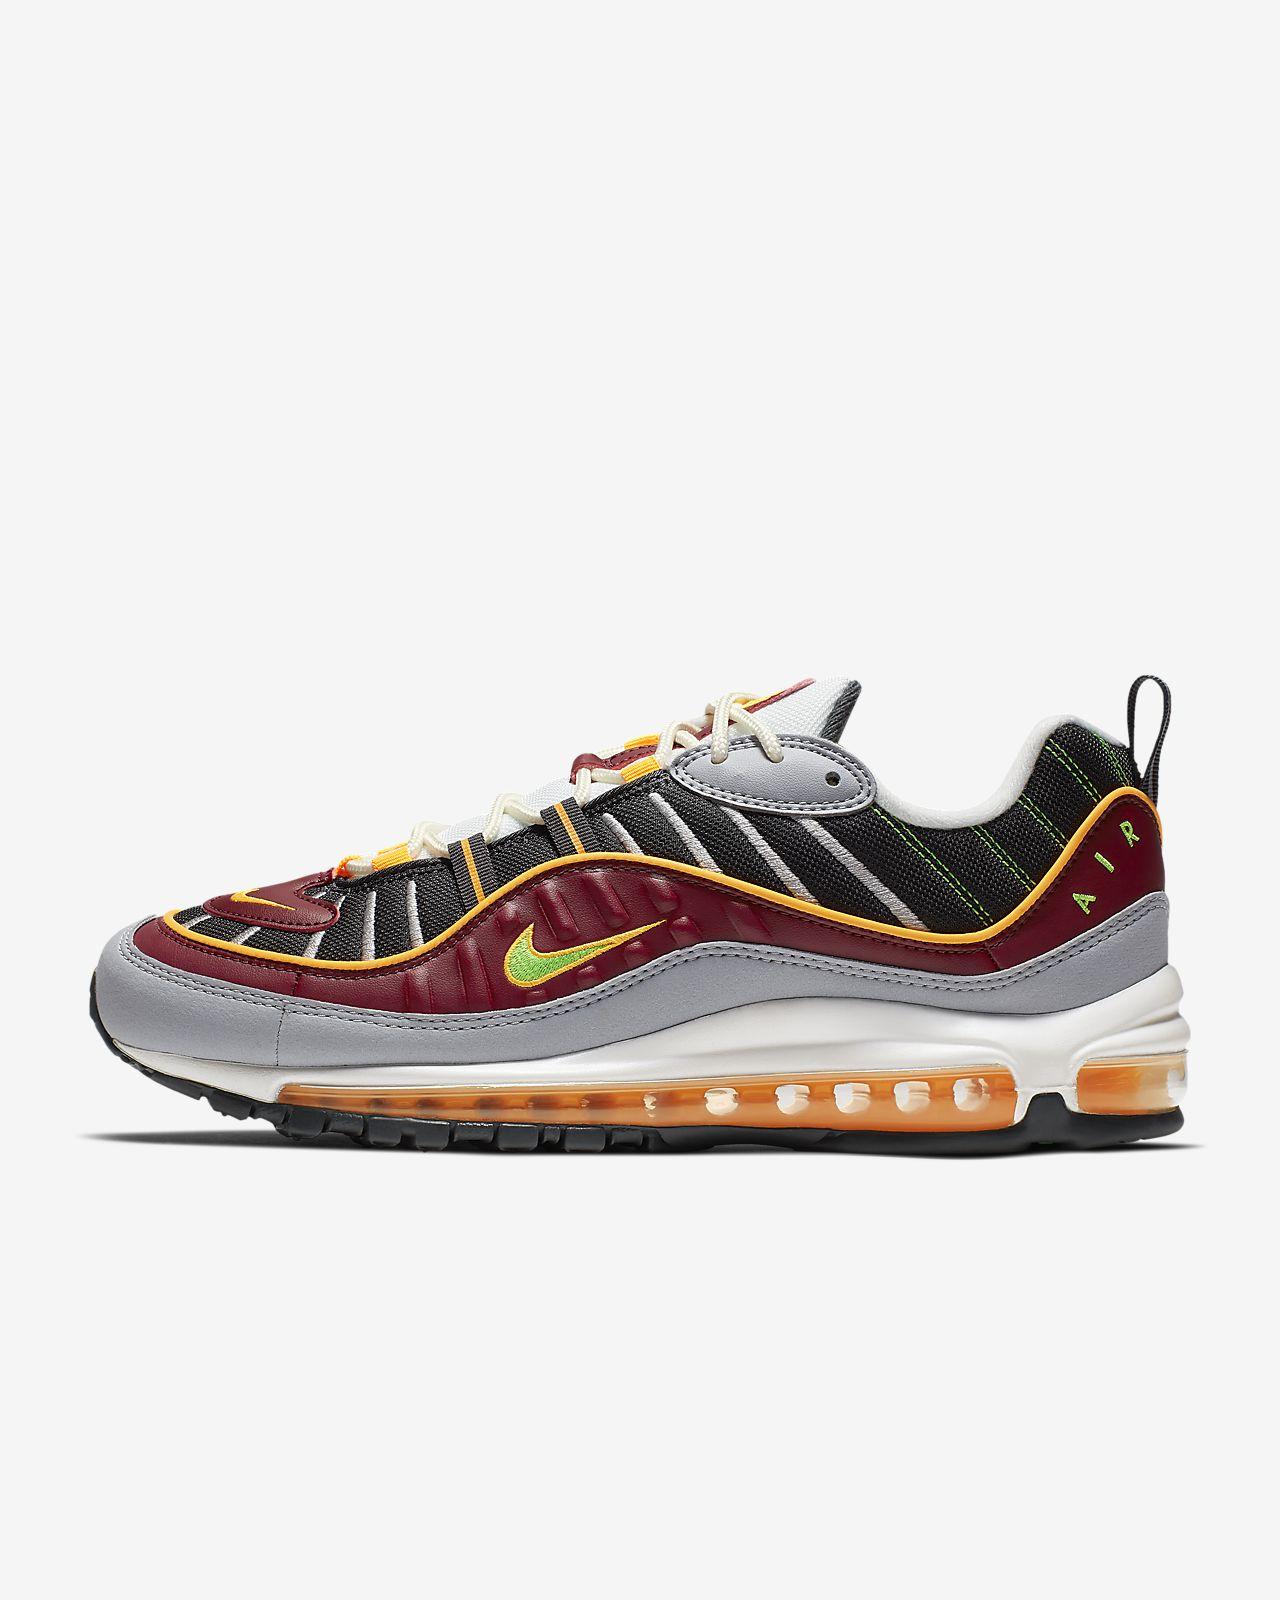 FR Encore Une Fois Chaussure X Nike Air Max 98 Homme Toute